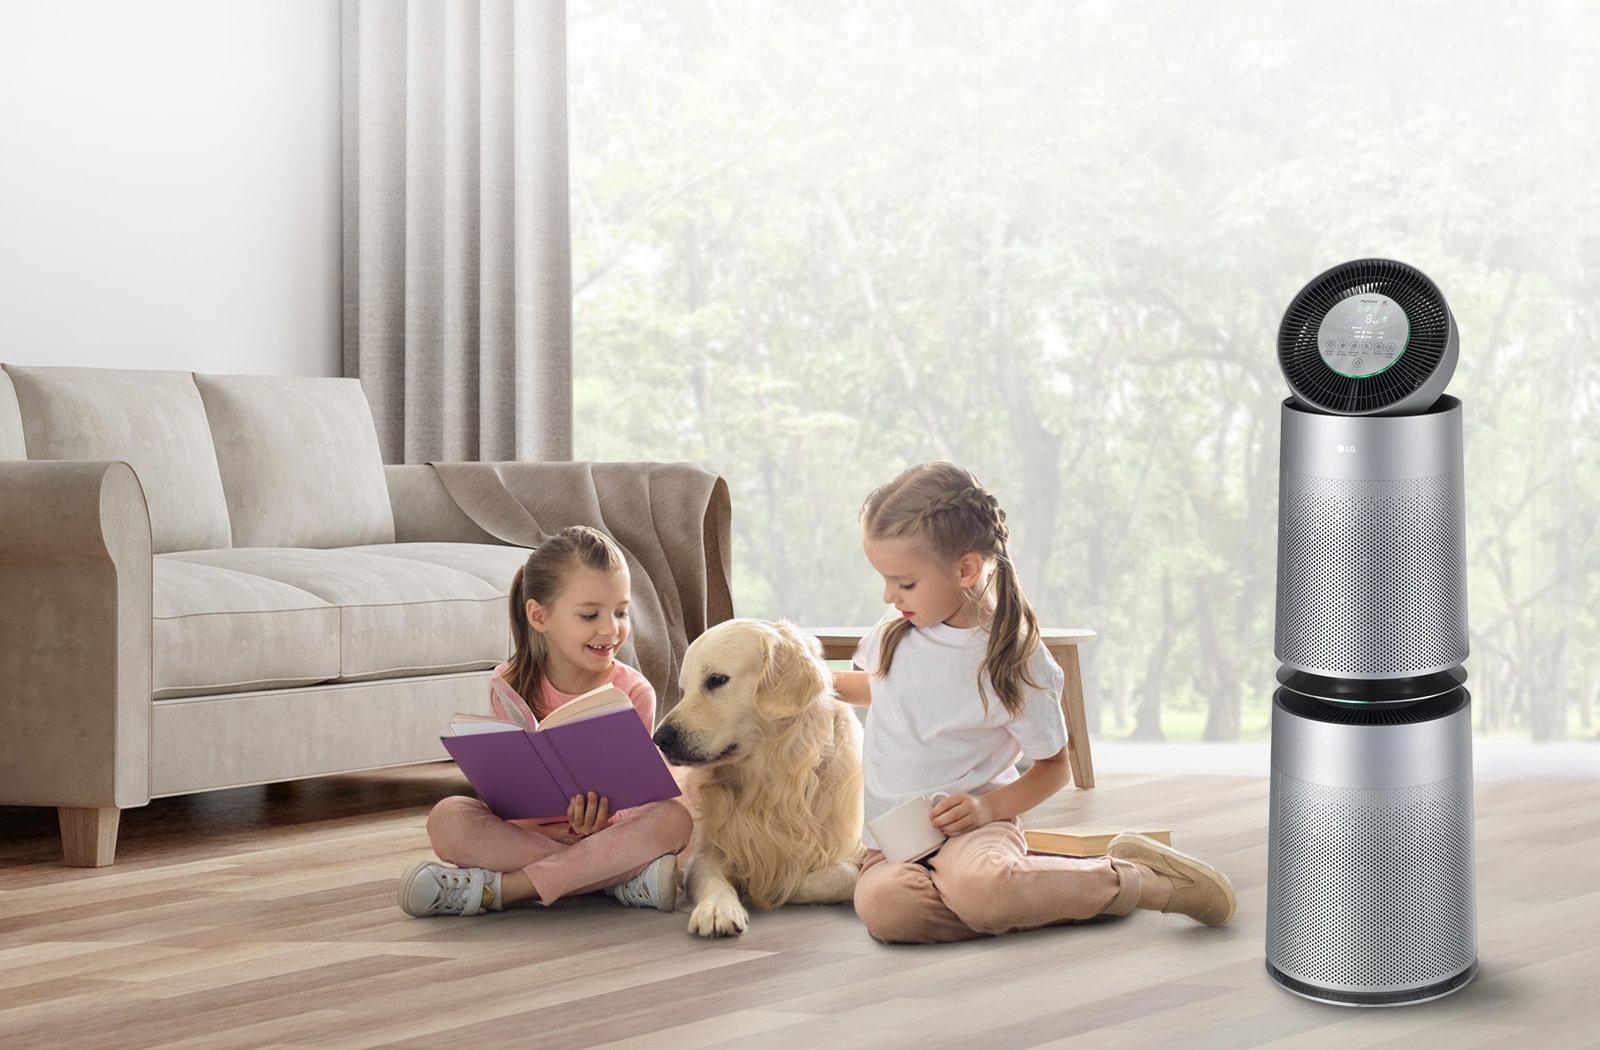 兩個年輕女孩還有一隻狗坐在客廳地板上看書。右側的 LG Puricare 空氣清淨機正在吹送清新的空氣。